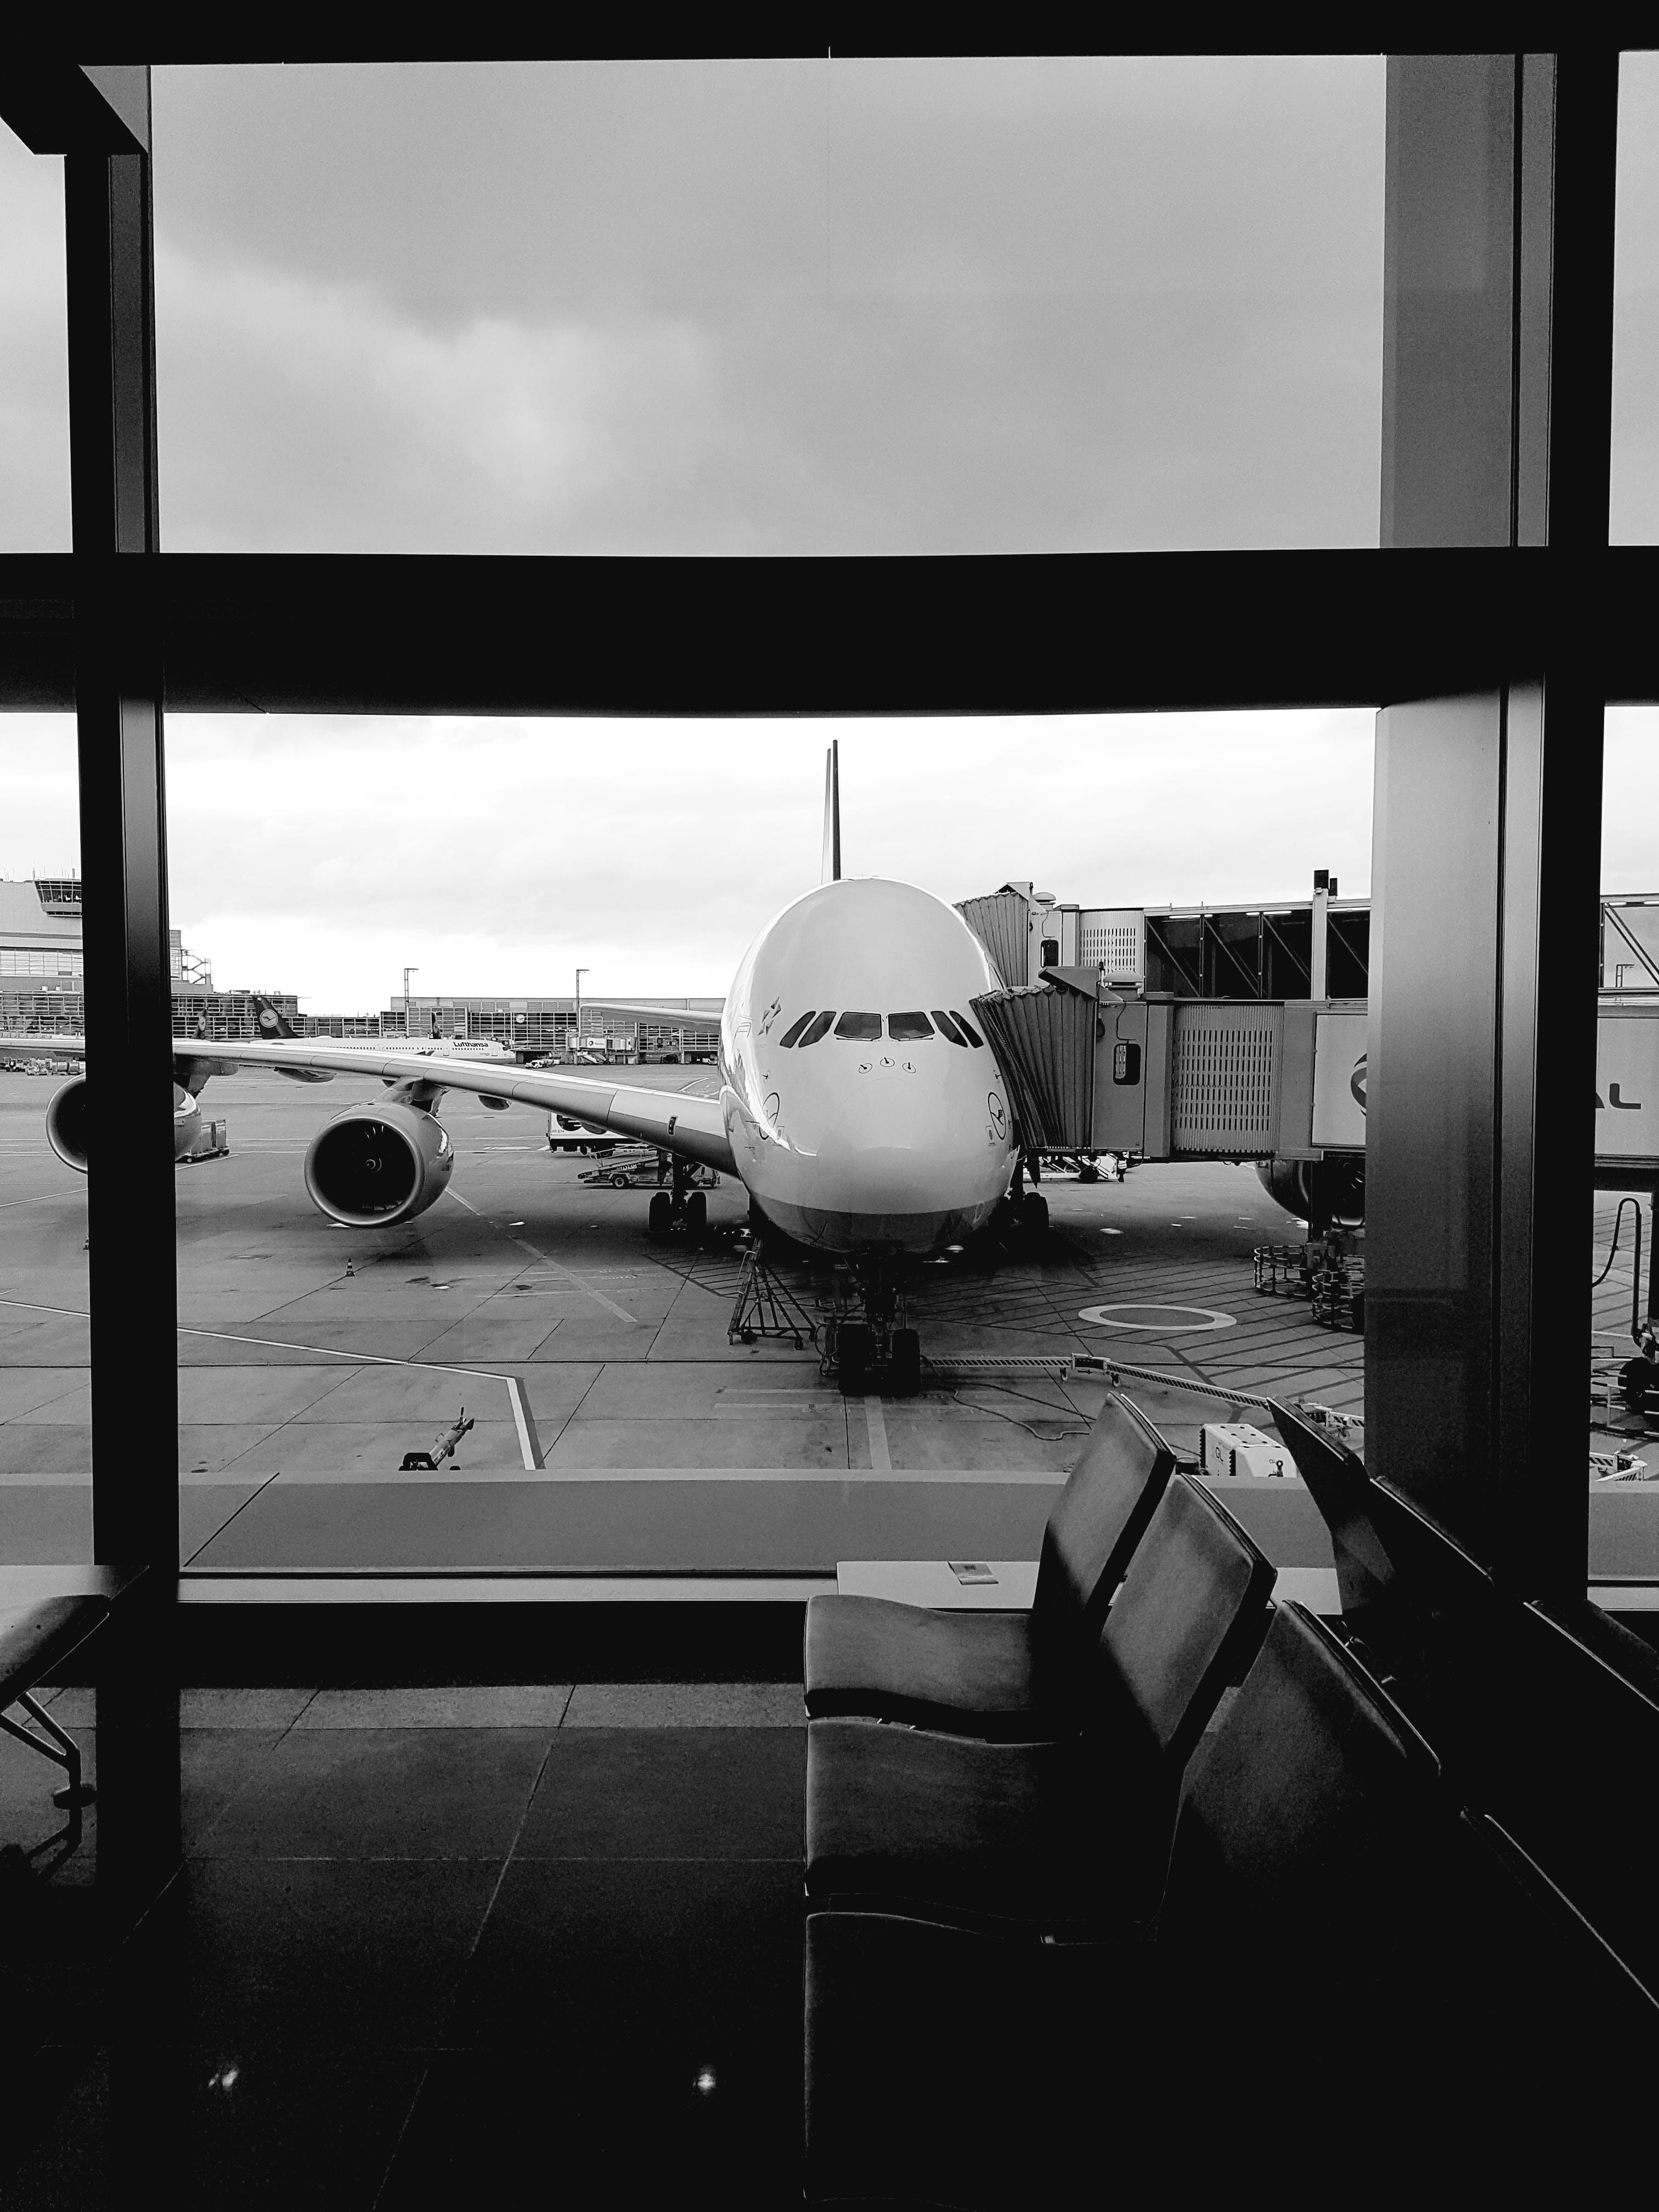 Gratis lagerfoto af flyrejse, flyselskab, flyvemaskine, gate i lufthavn